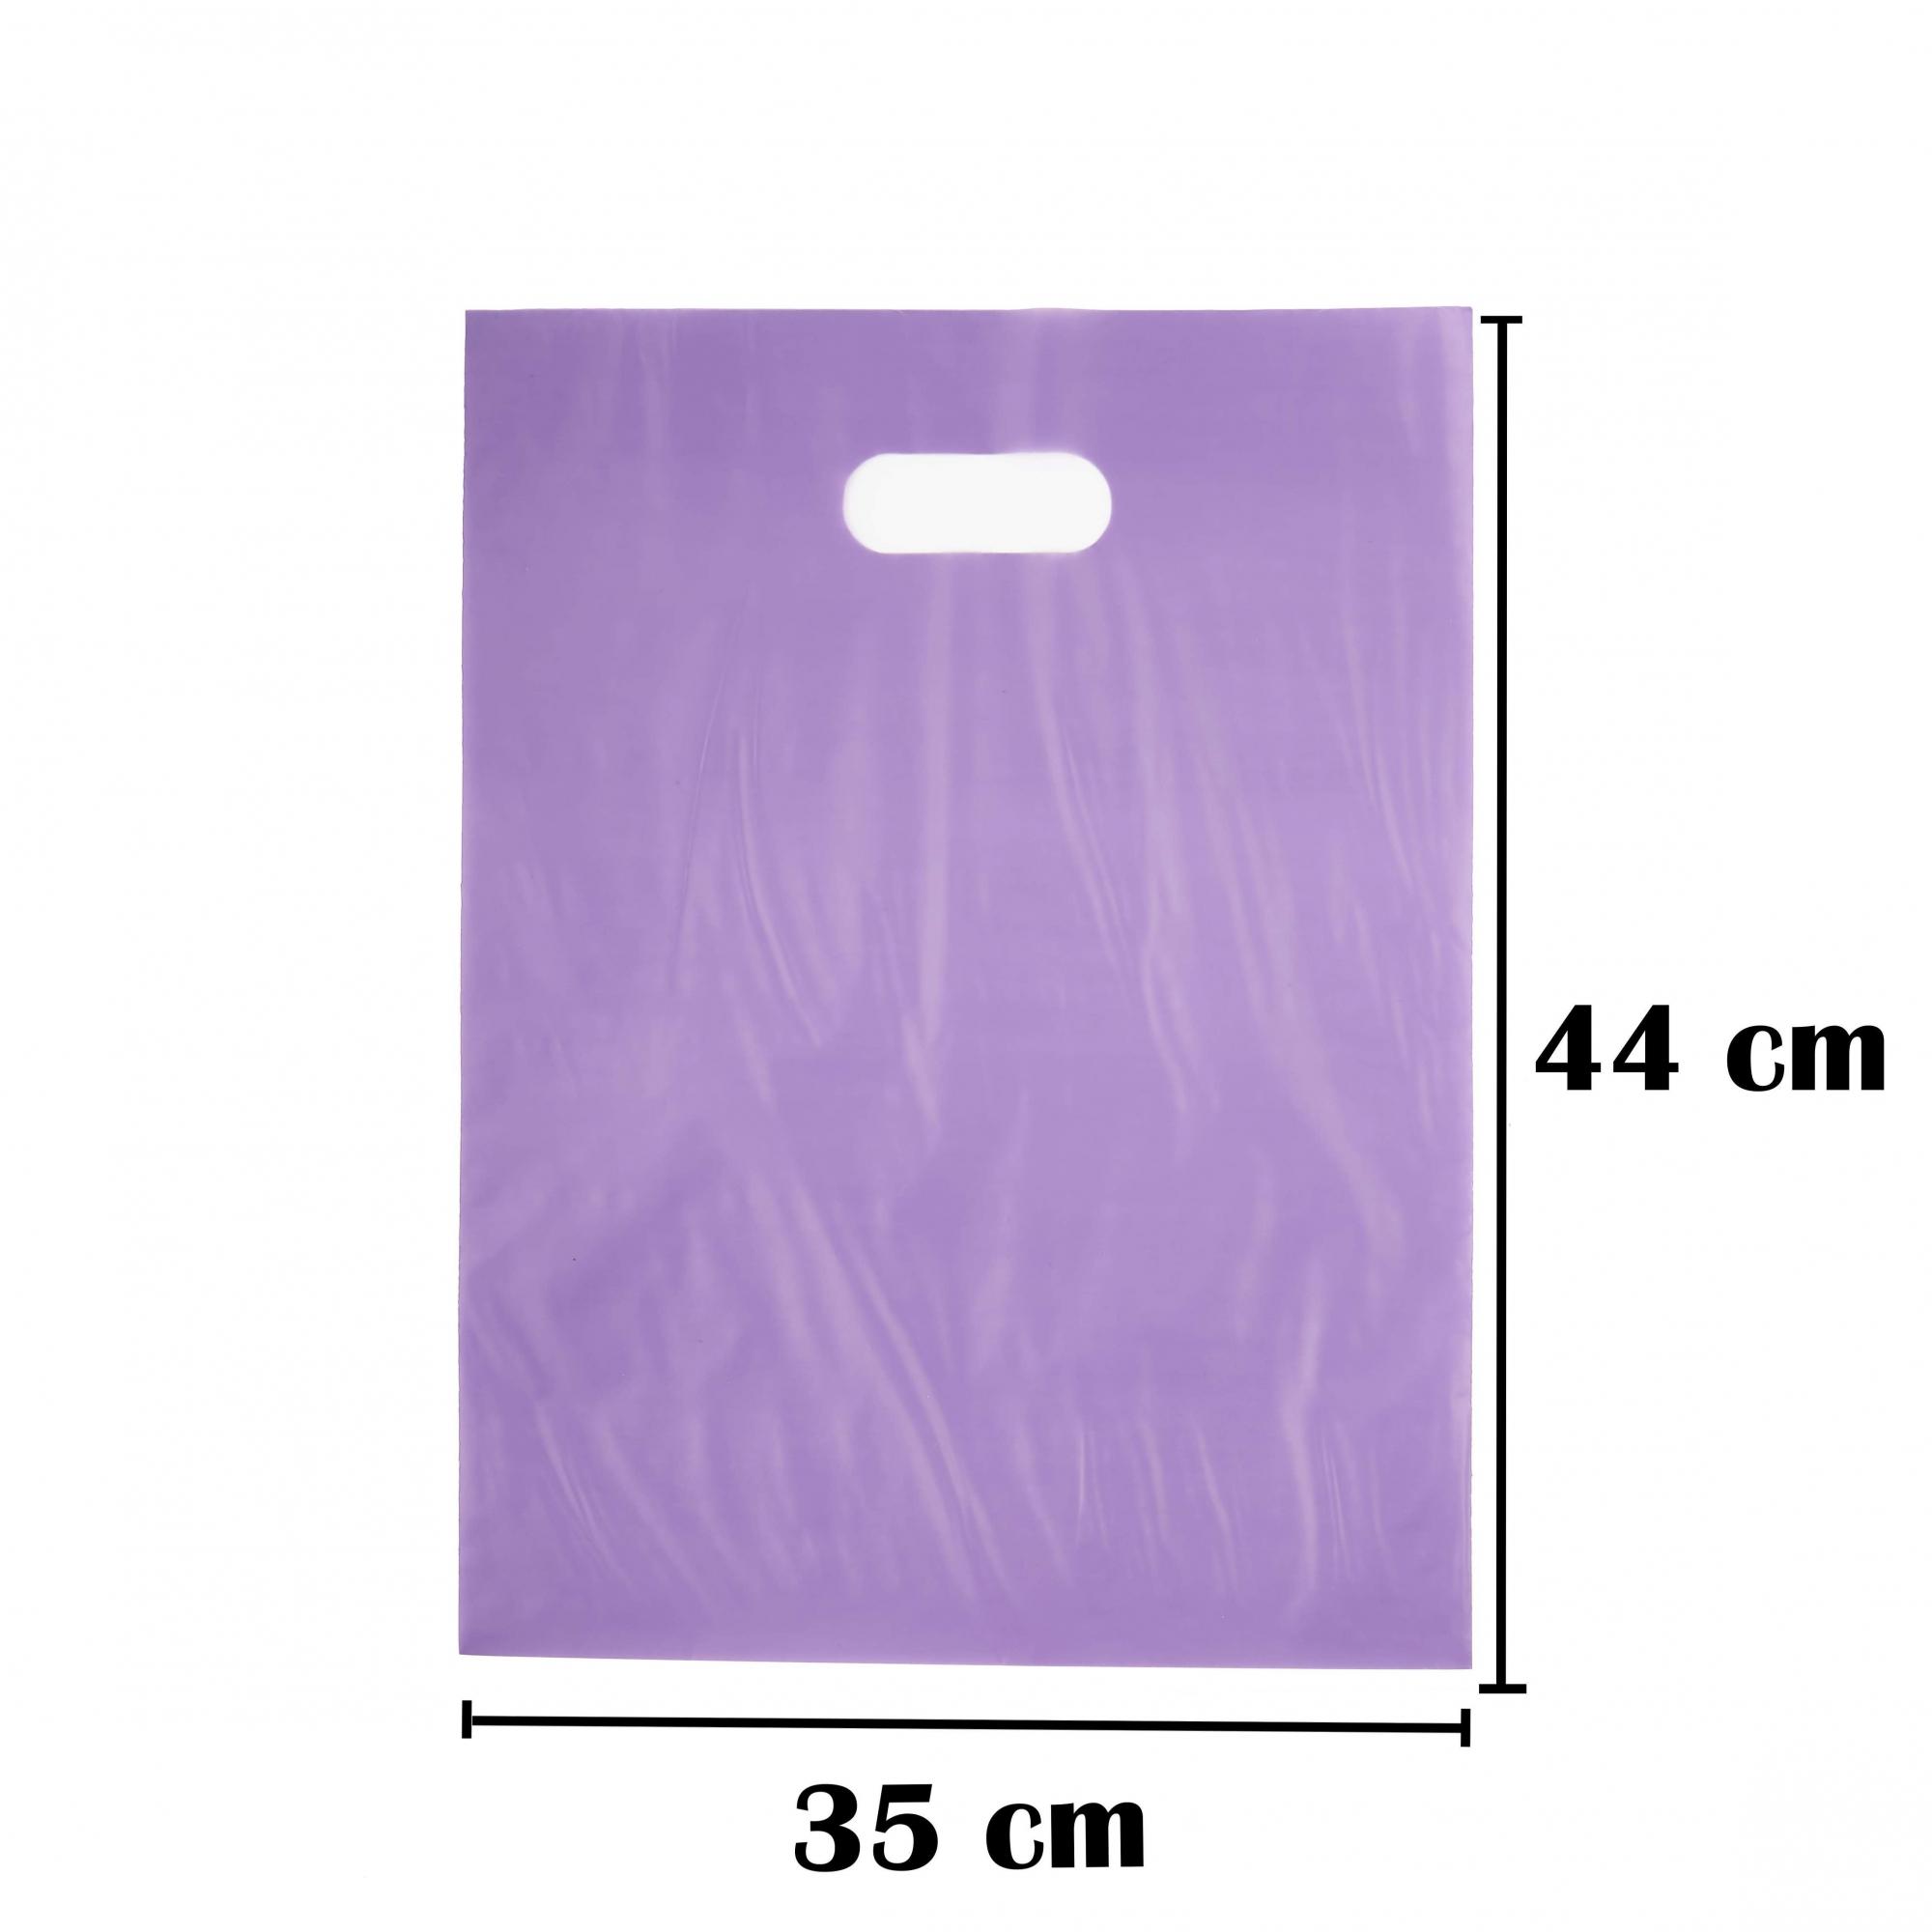 Sacola Plástica 35x44 Roxa Alça Boca de Palhaço 500 Unidades